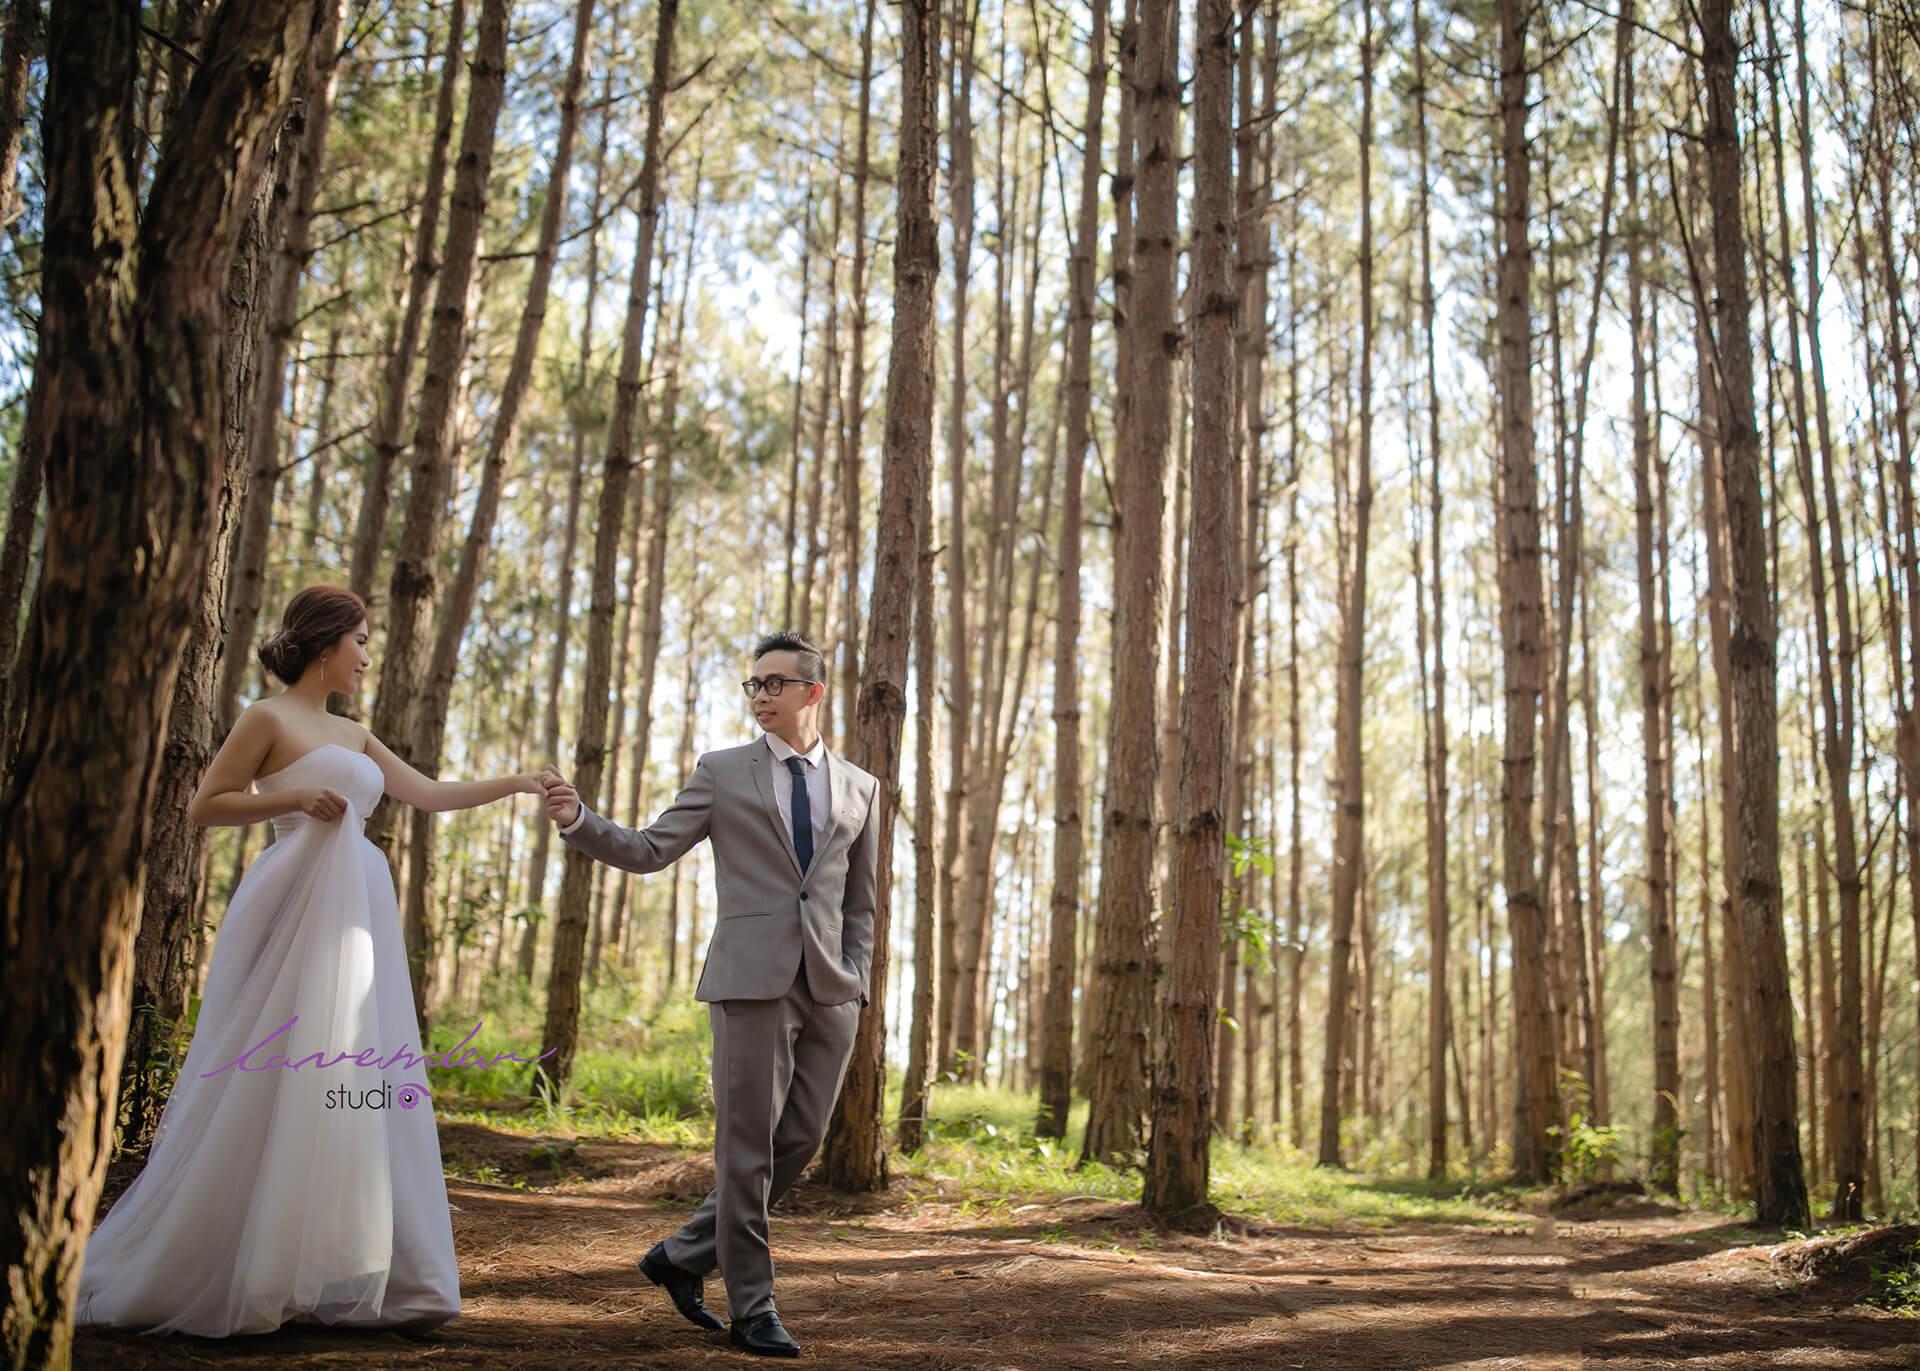 Gói dịch chụp hình cưới Đà Lạt giá rẻ